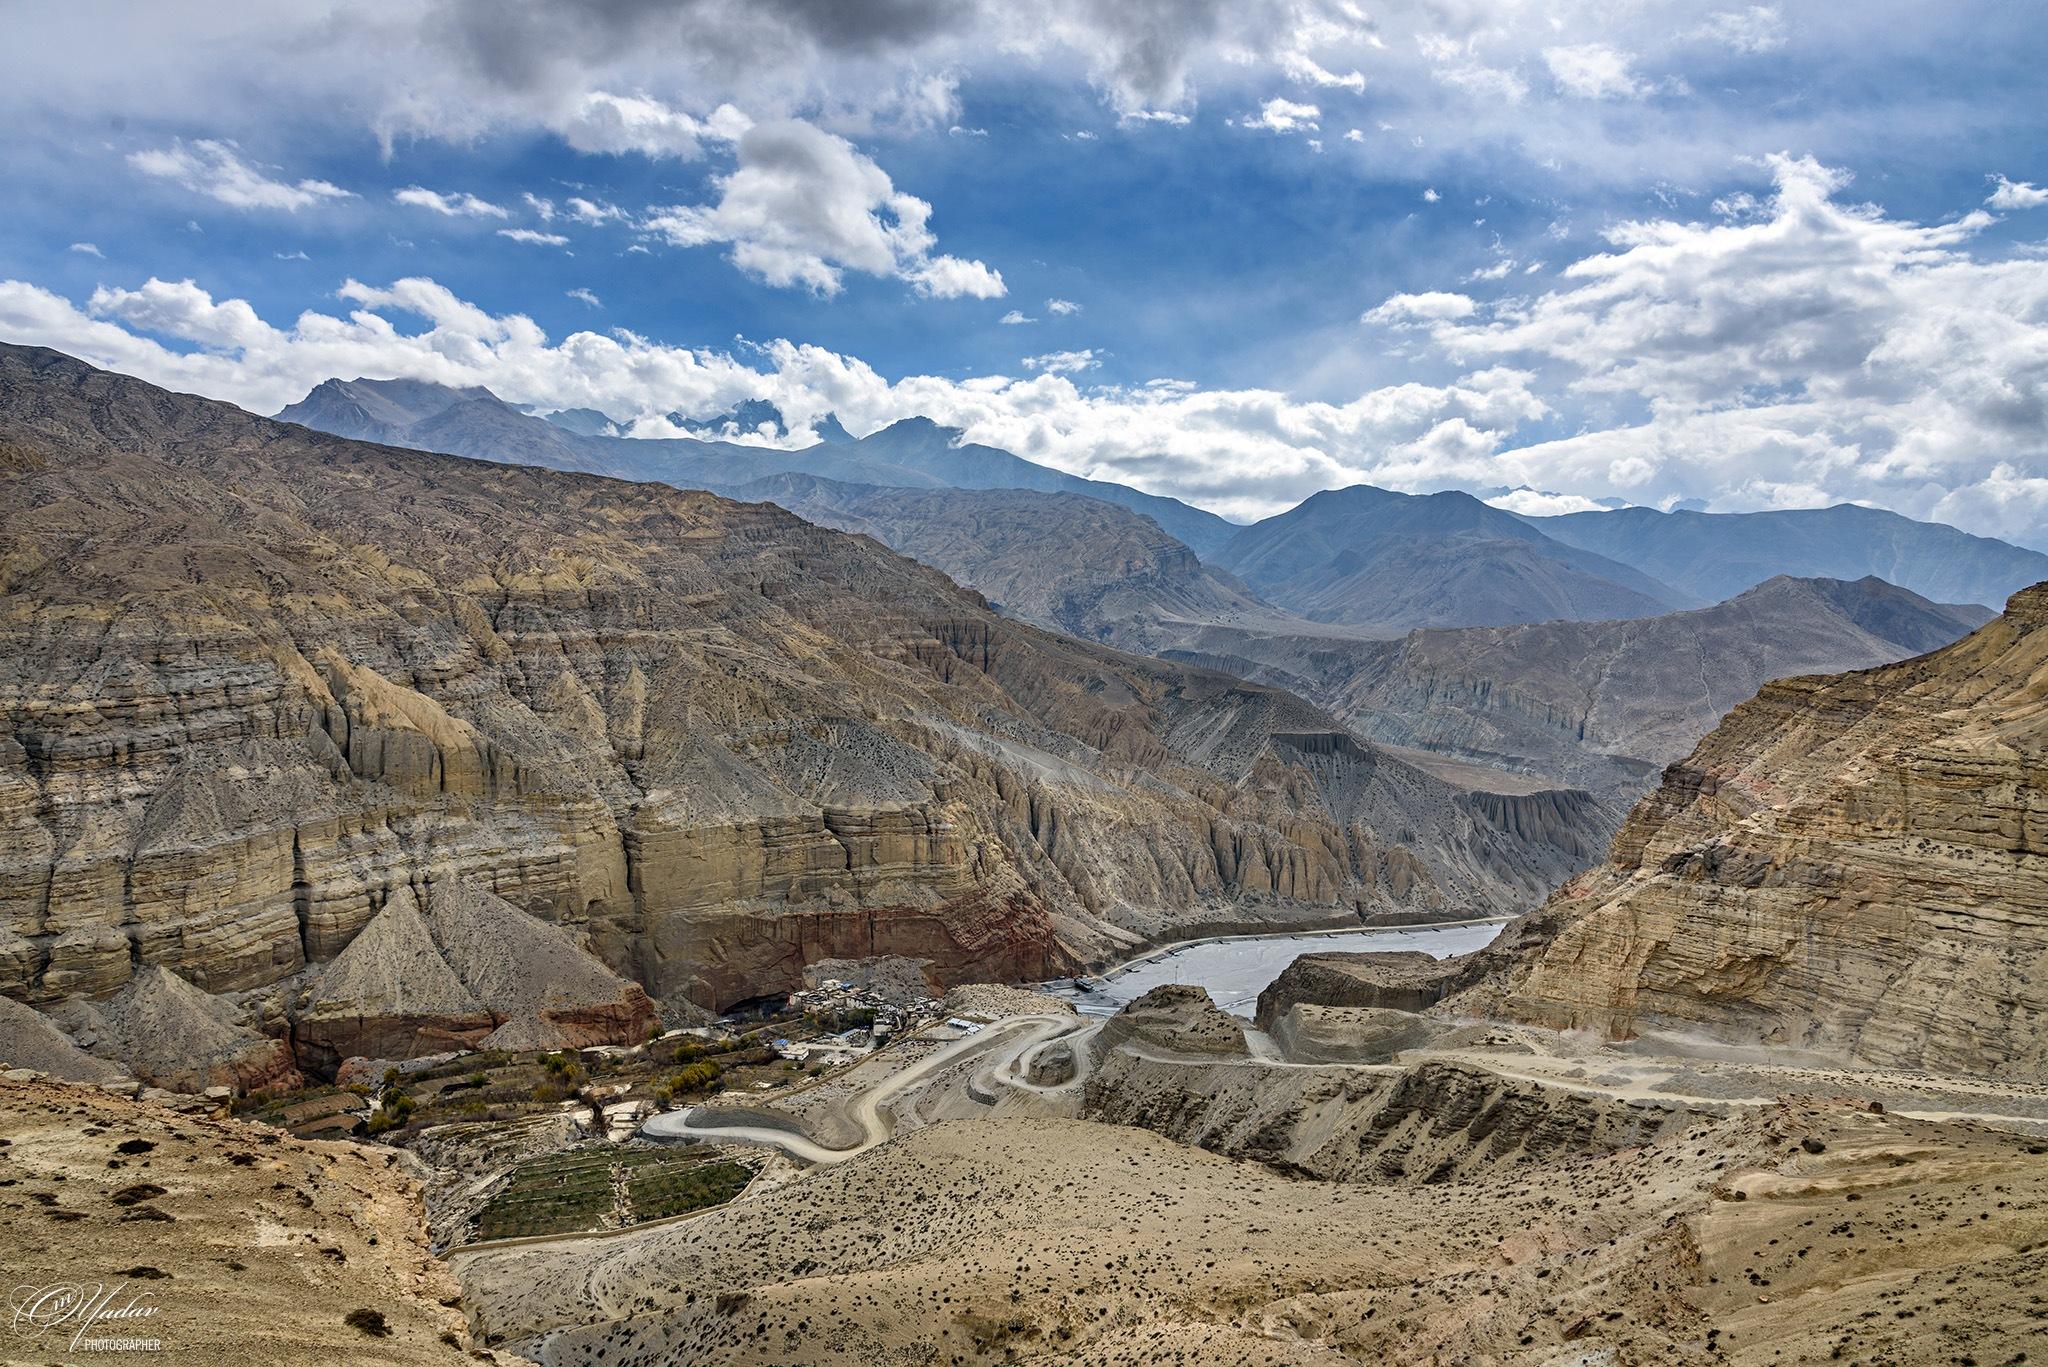 The Cold Desert by Om Yadav